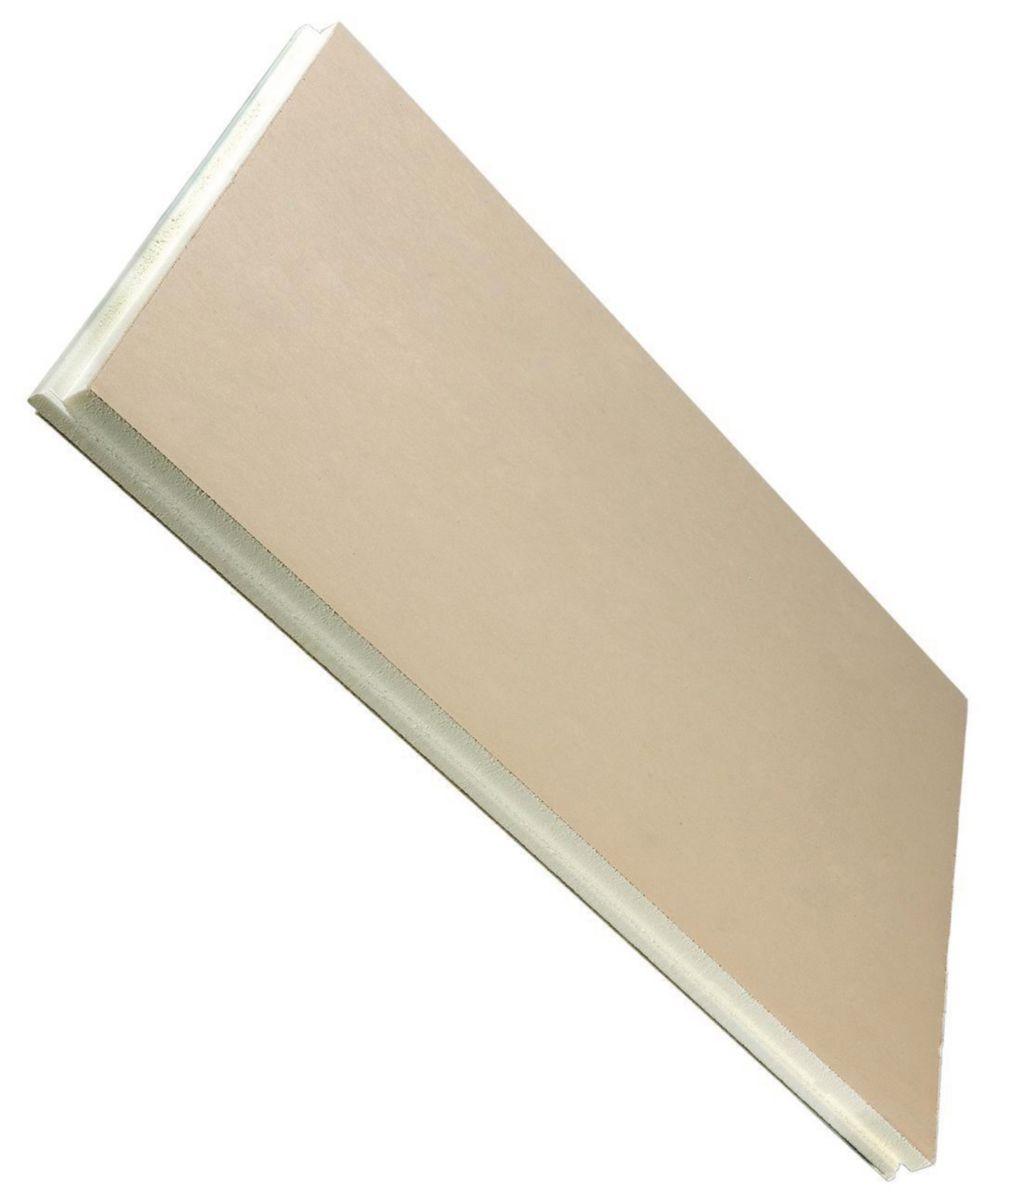 panneau sandwich toiture point p panneau sandwich blanc blanc laqu x m sunclear with panneau. Black Bedroom Furniture Sets. Home Design Ideas